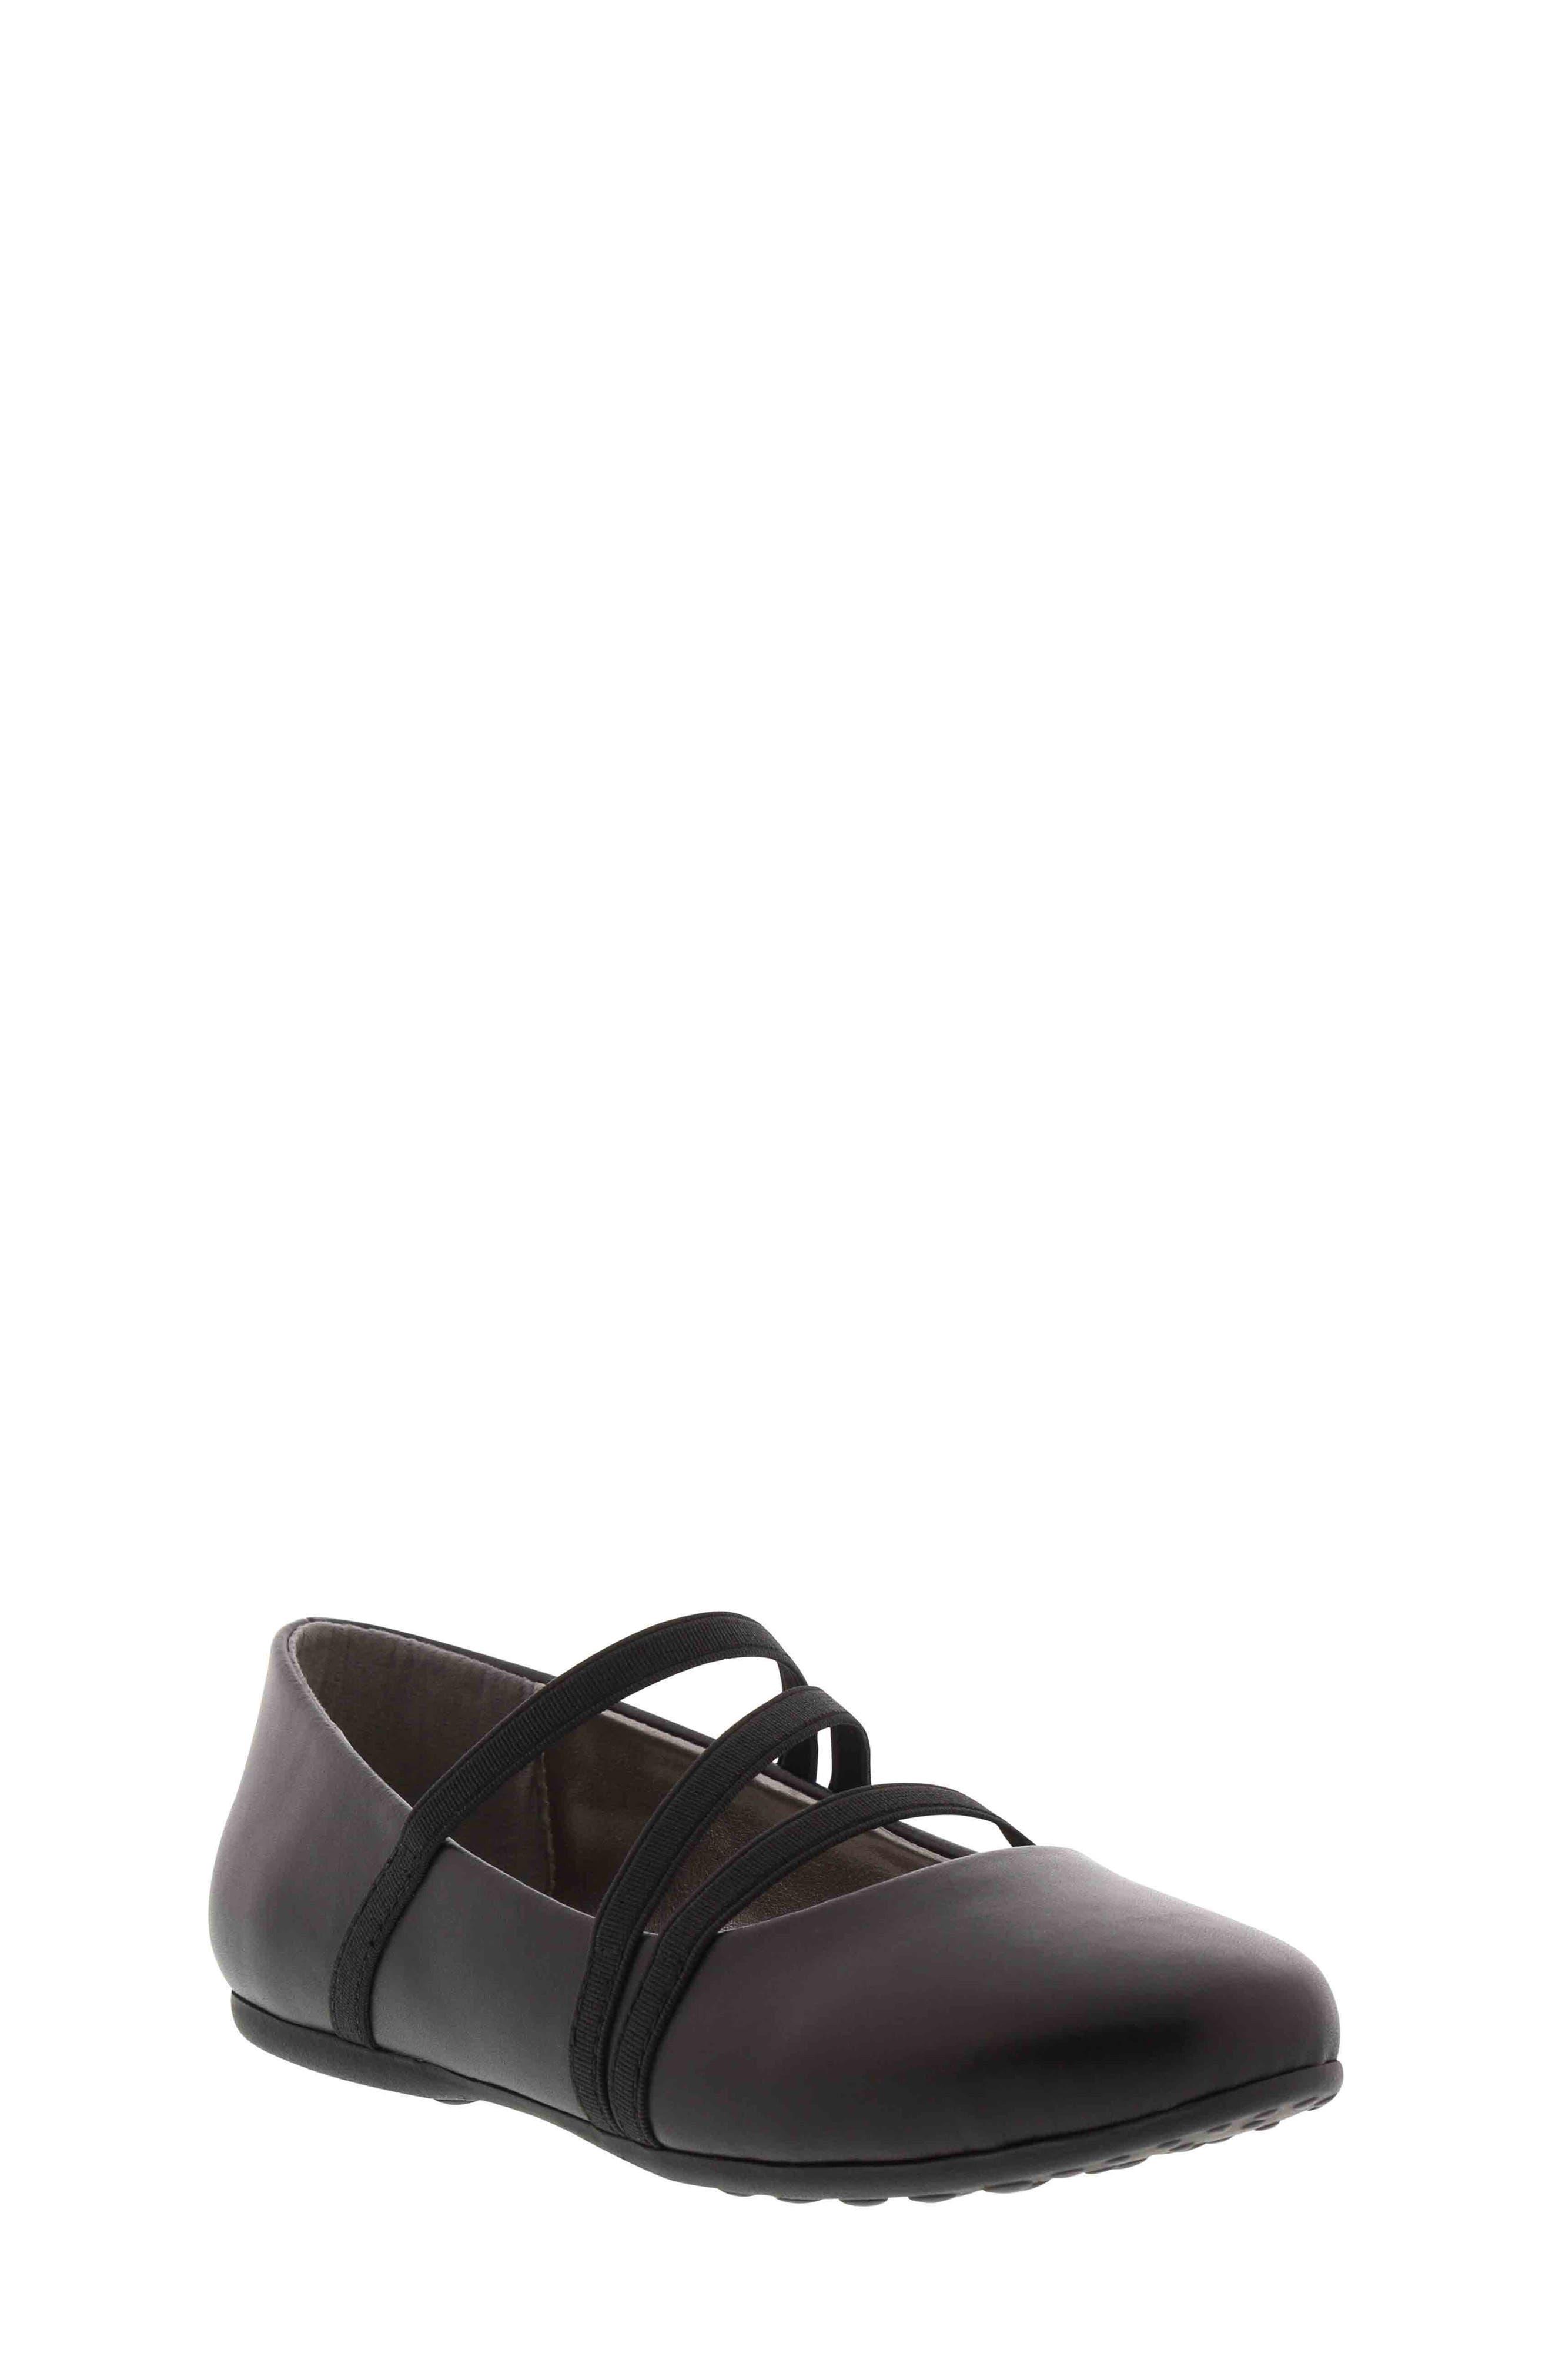 Rose Tilt Ballet Flat, Main, color, BLACK